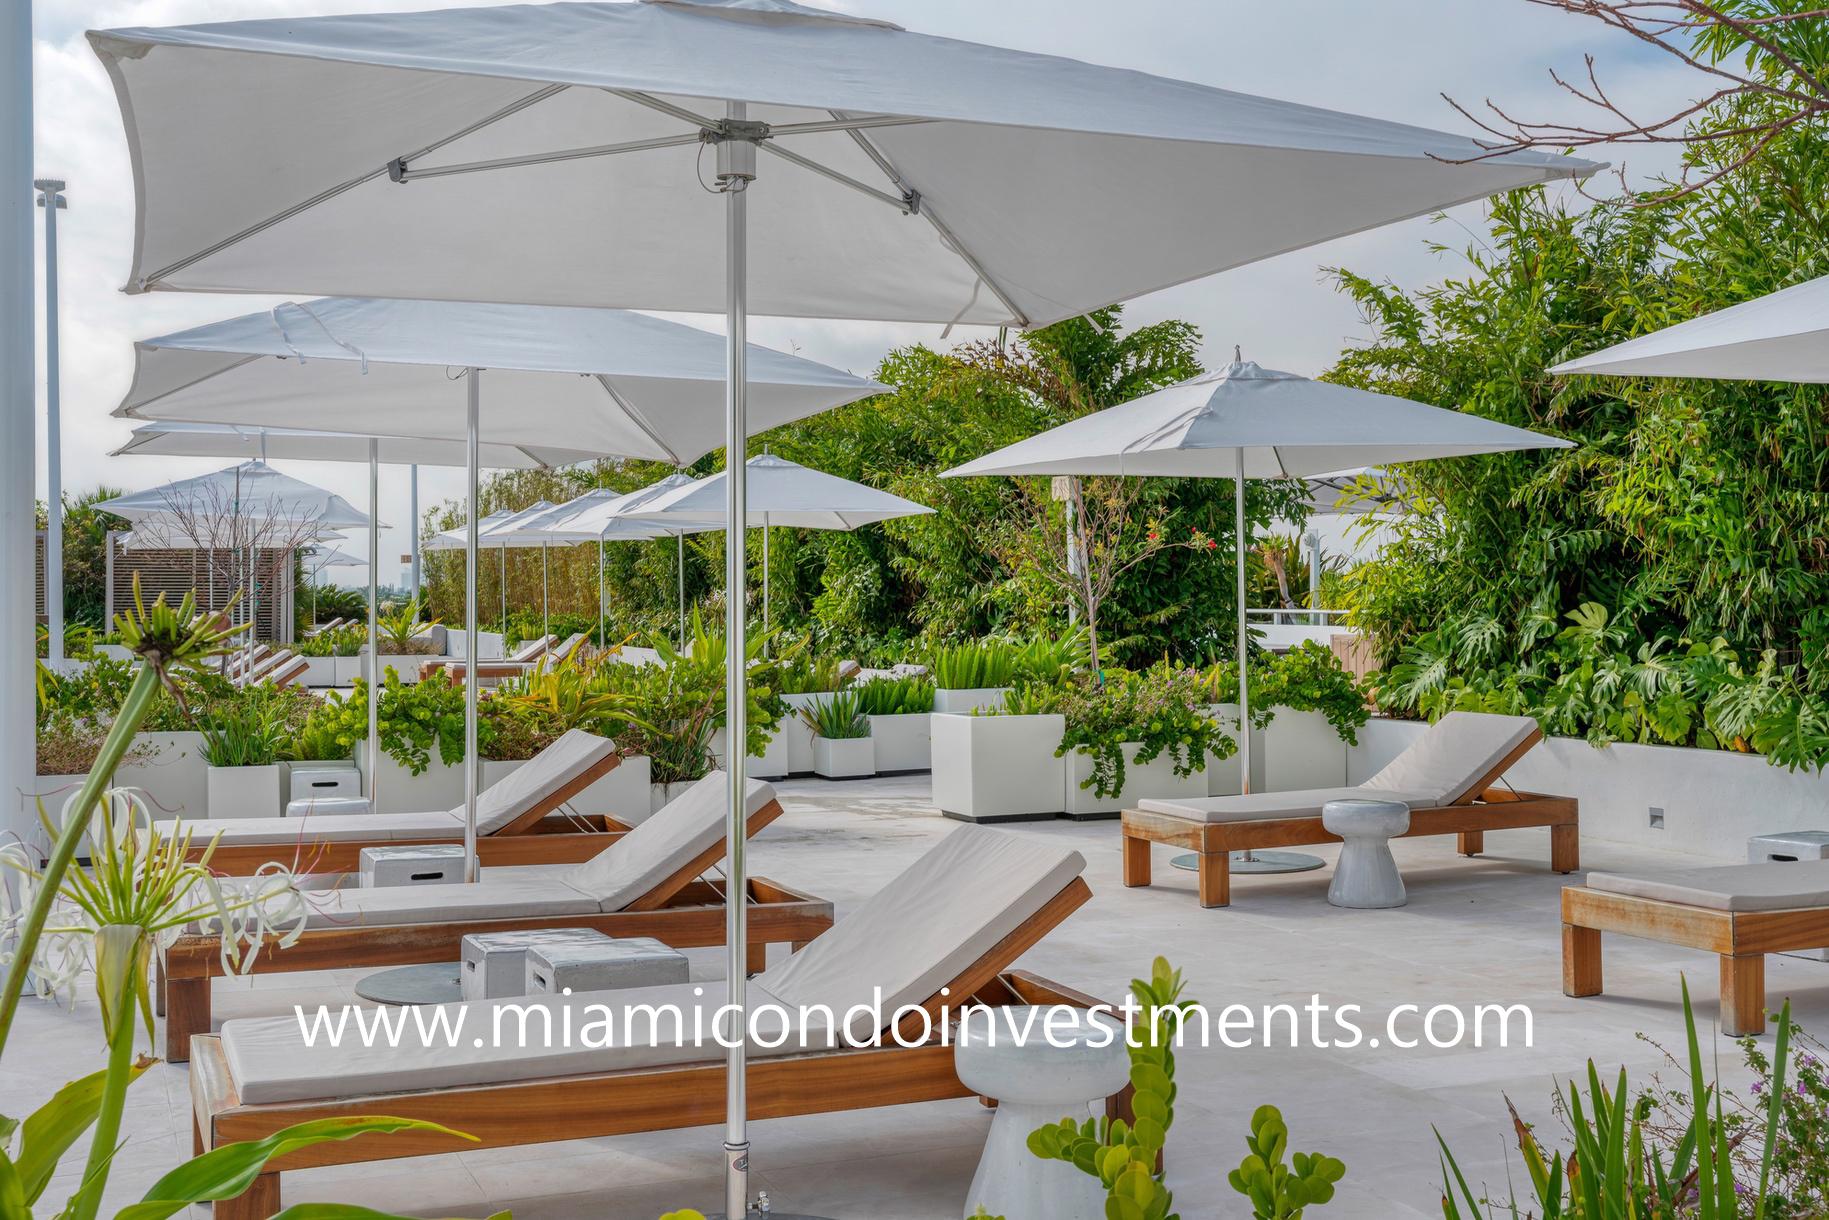 Ritz-Carlton Residences Miami Beach sundeck